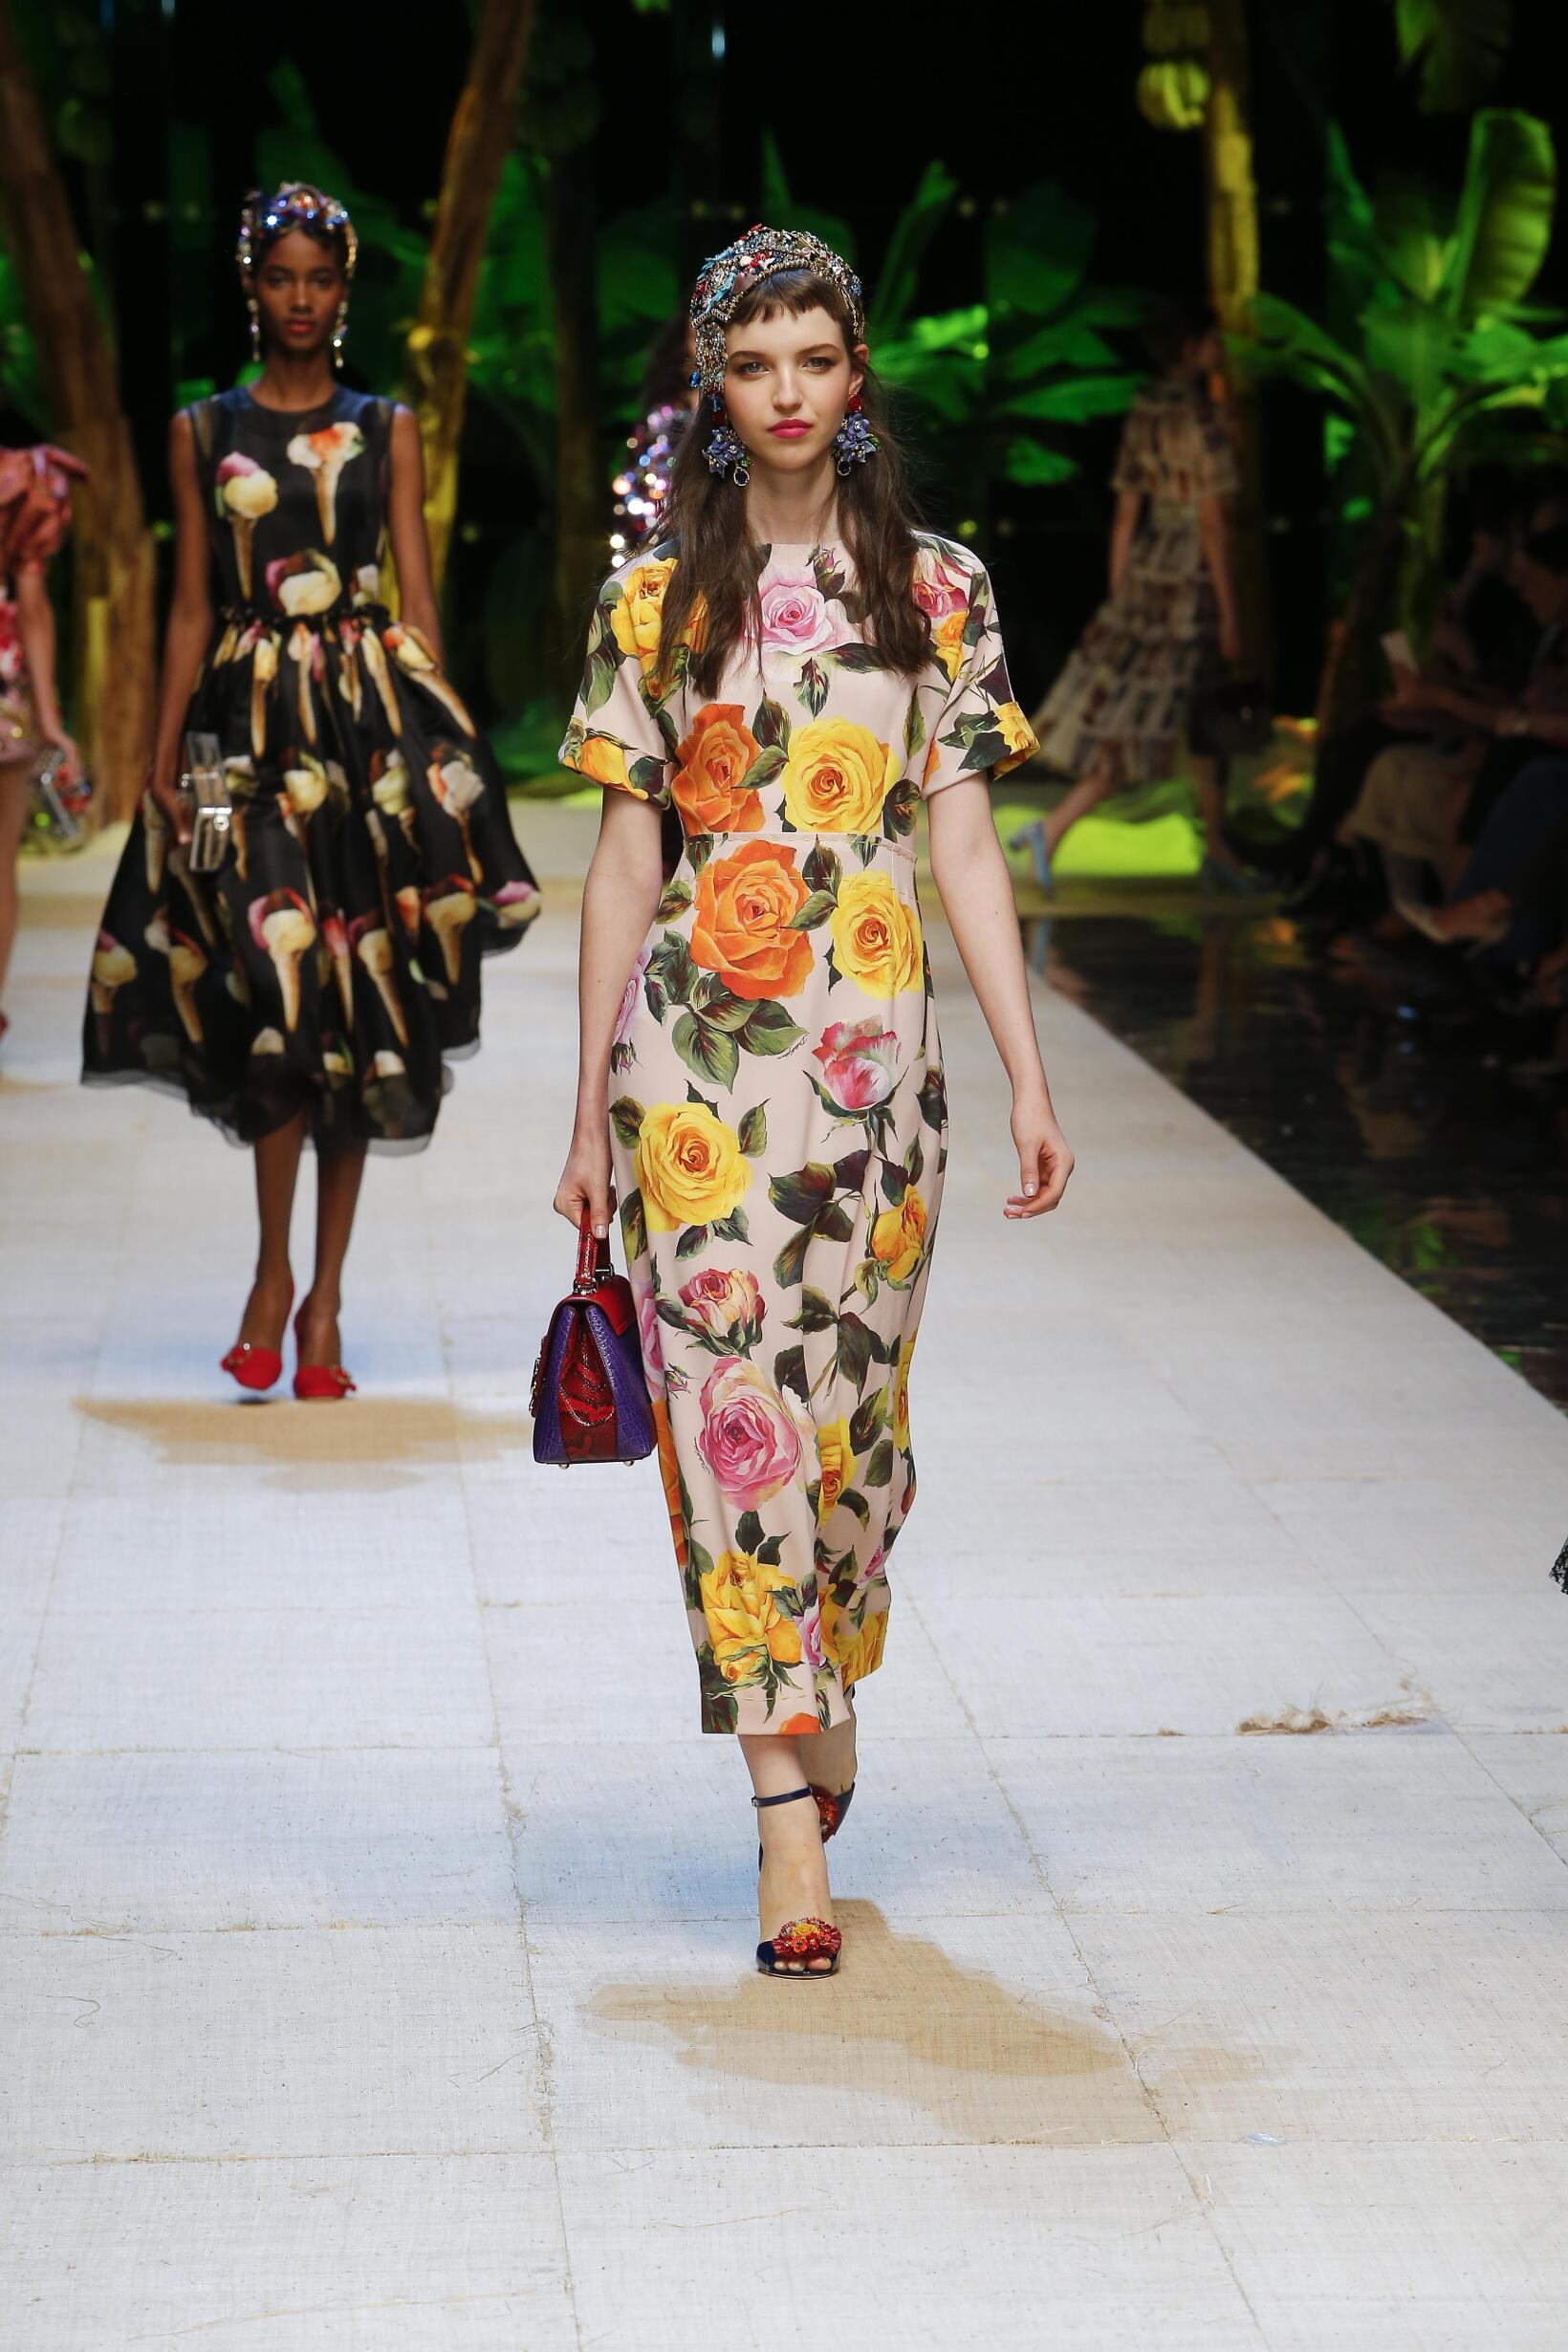 SS 2017 Fashion Show Dolce & Gabbana